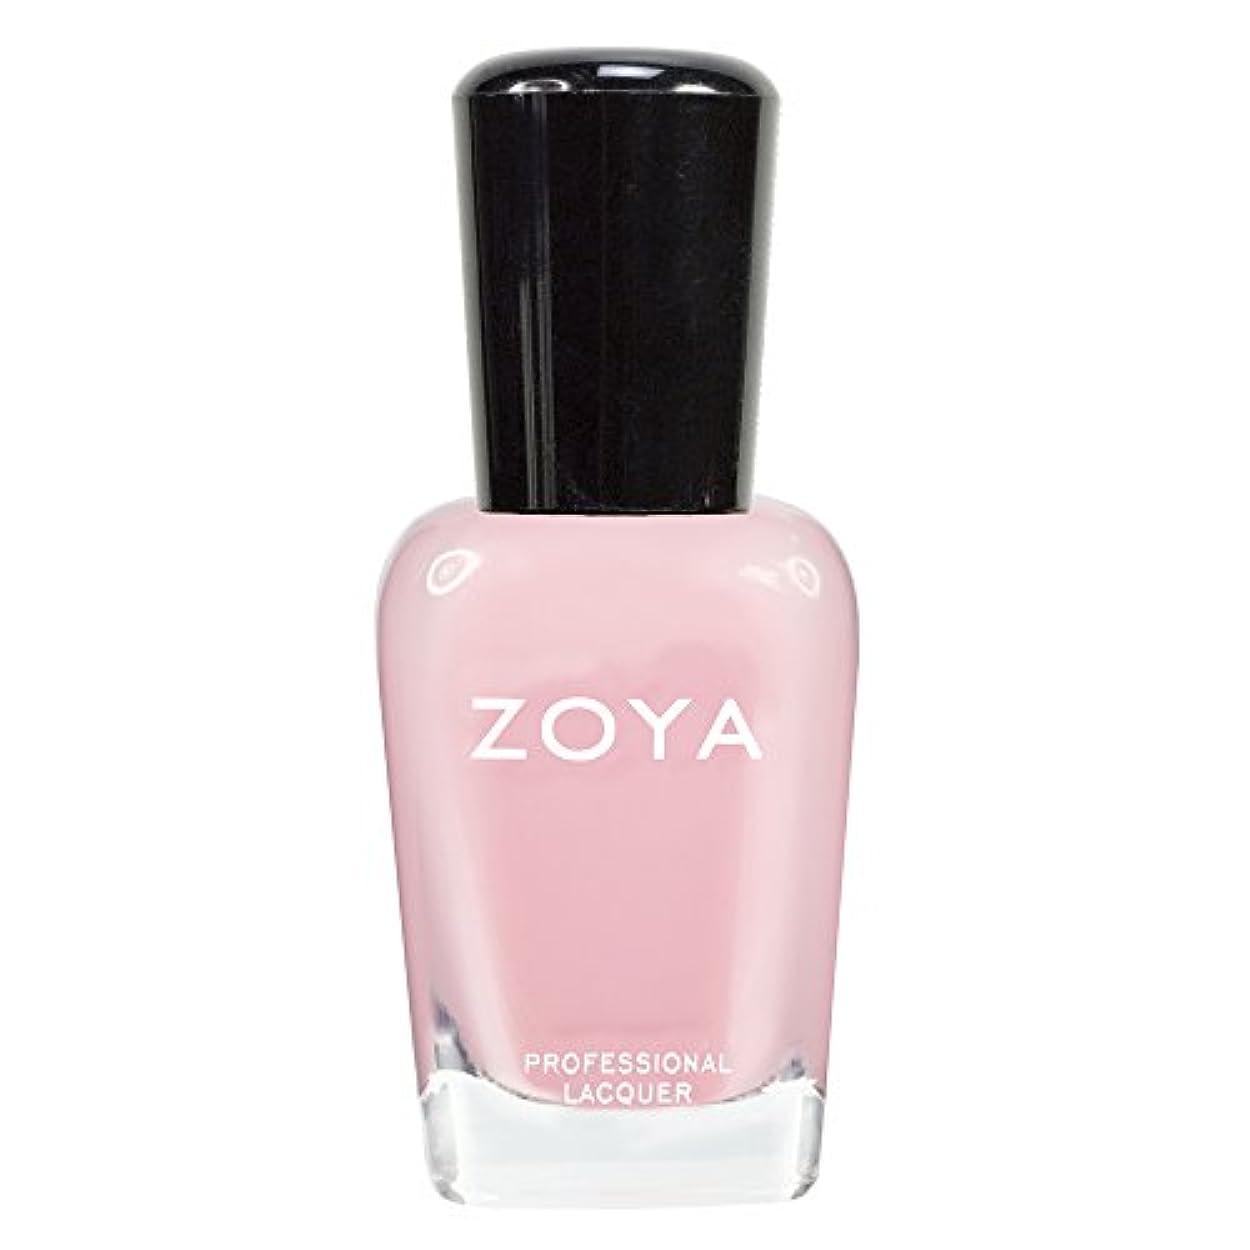 マディソンカロリー効果的にZOYA ゾーヤ ネイルカラーZP433 LAURIE ローリー 15ml 可愛く色づく桜の花ようなピンク シアー/クリーム 爪にやさしいネイルラッカーマニキュア